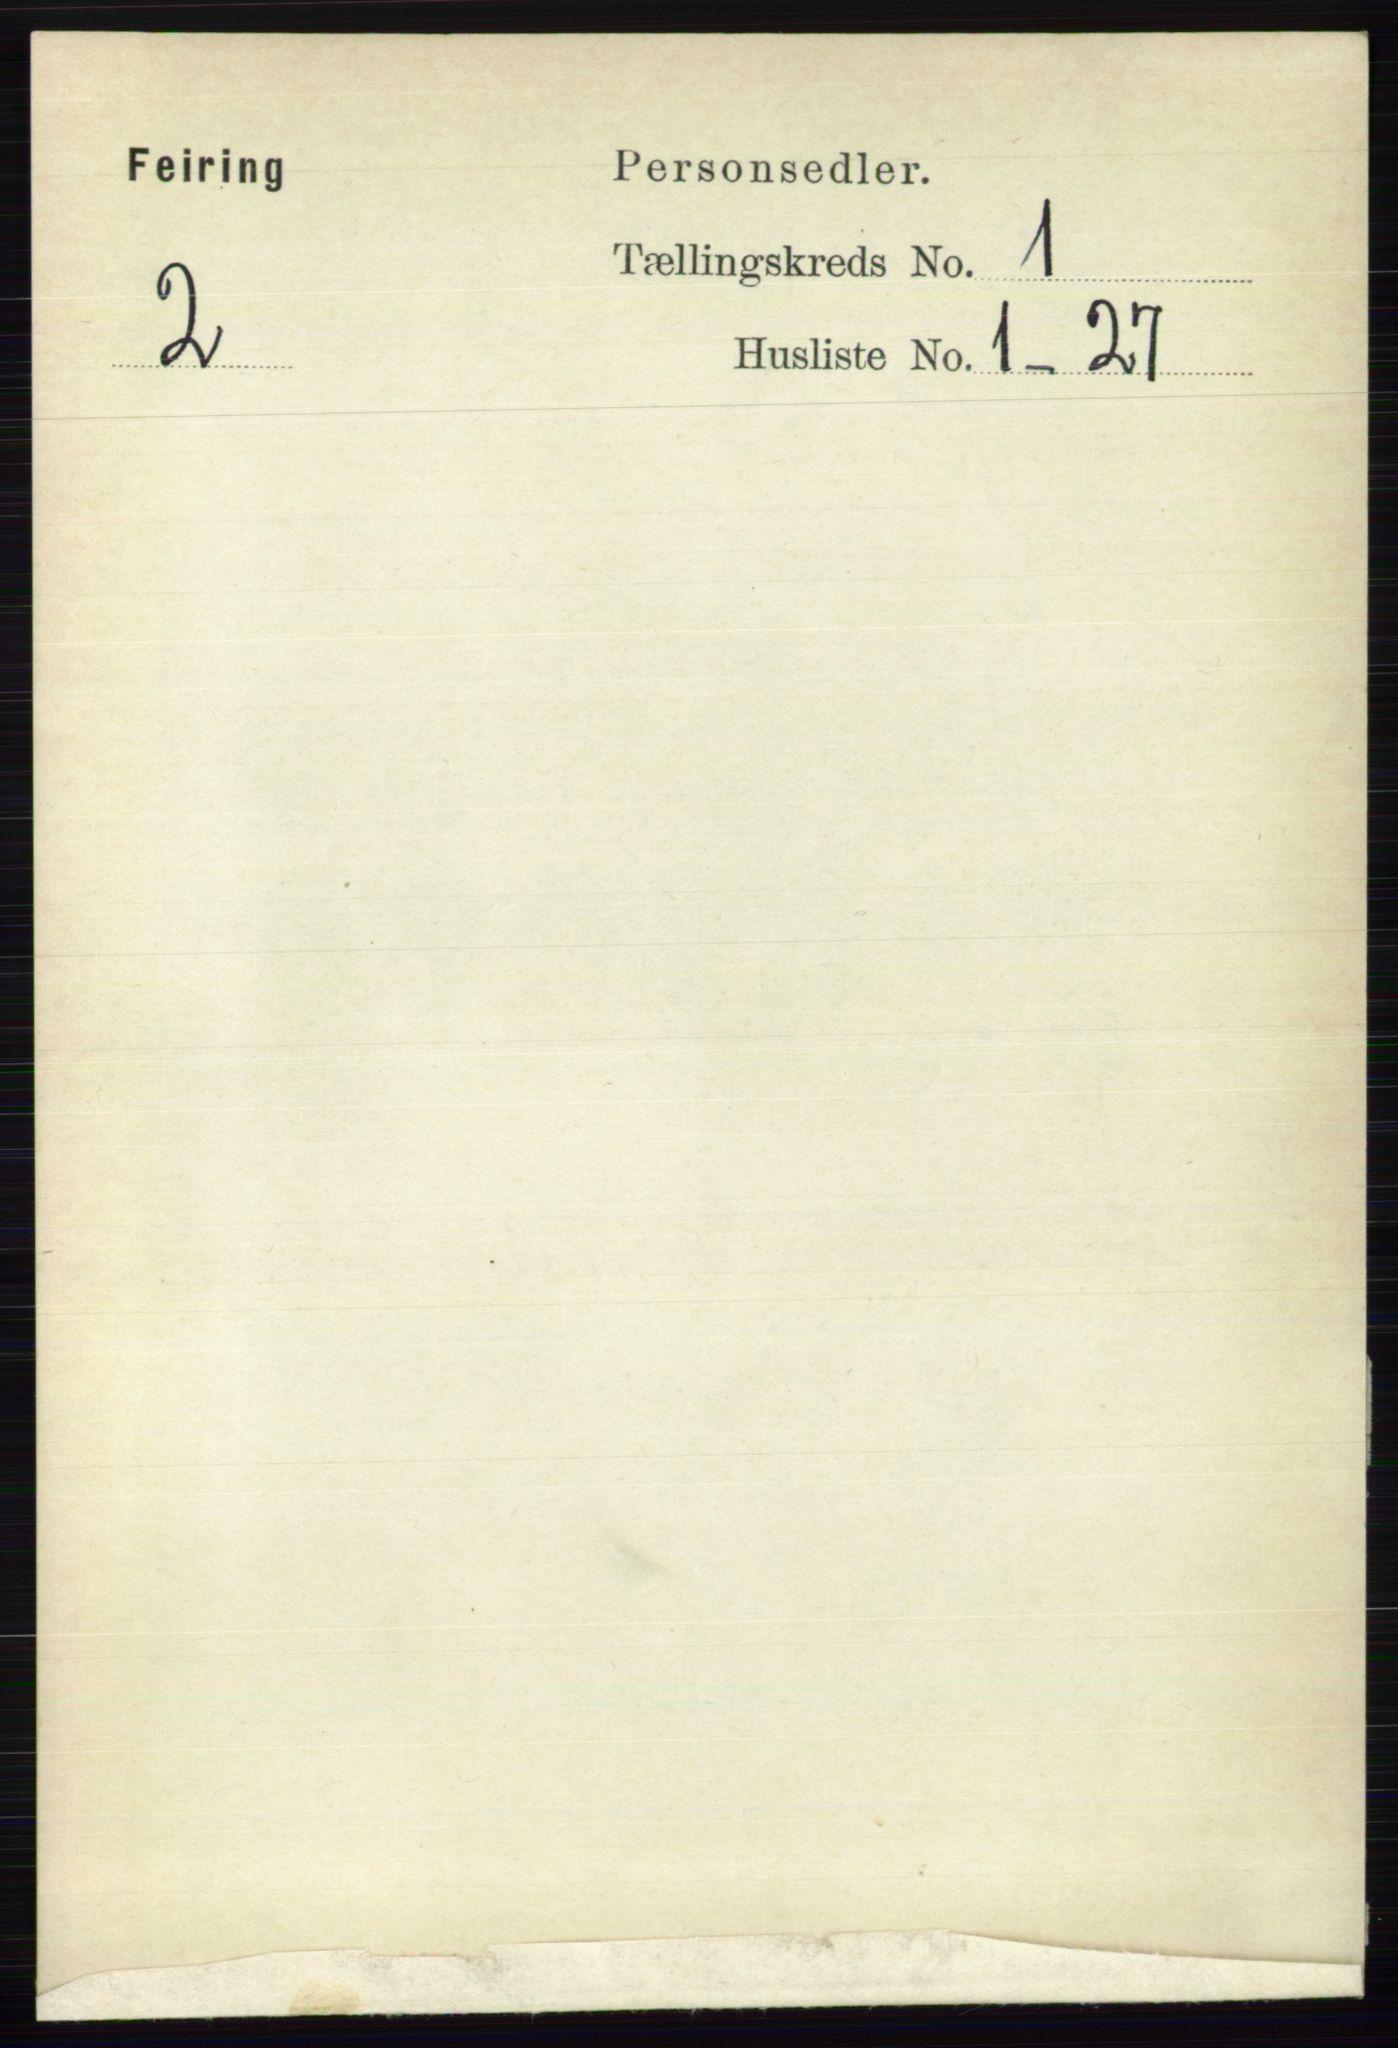 RA, Folketelling 1891 for 0240 Feiring herred, 1891, s. 111